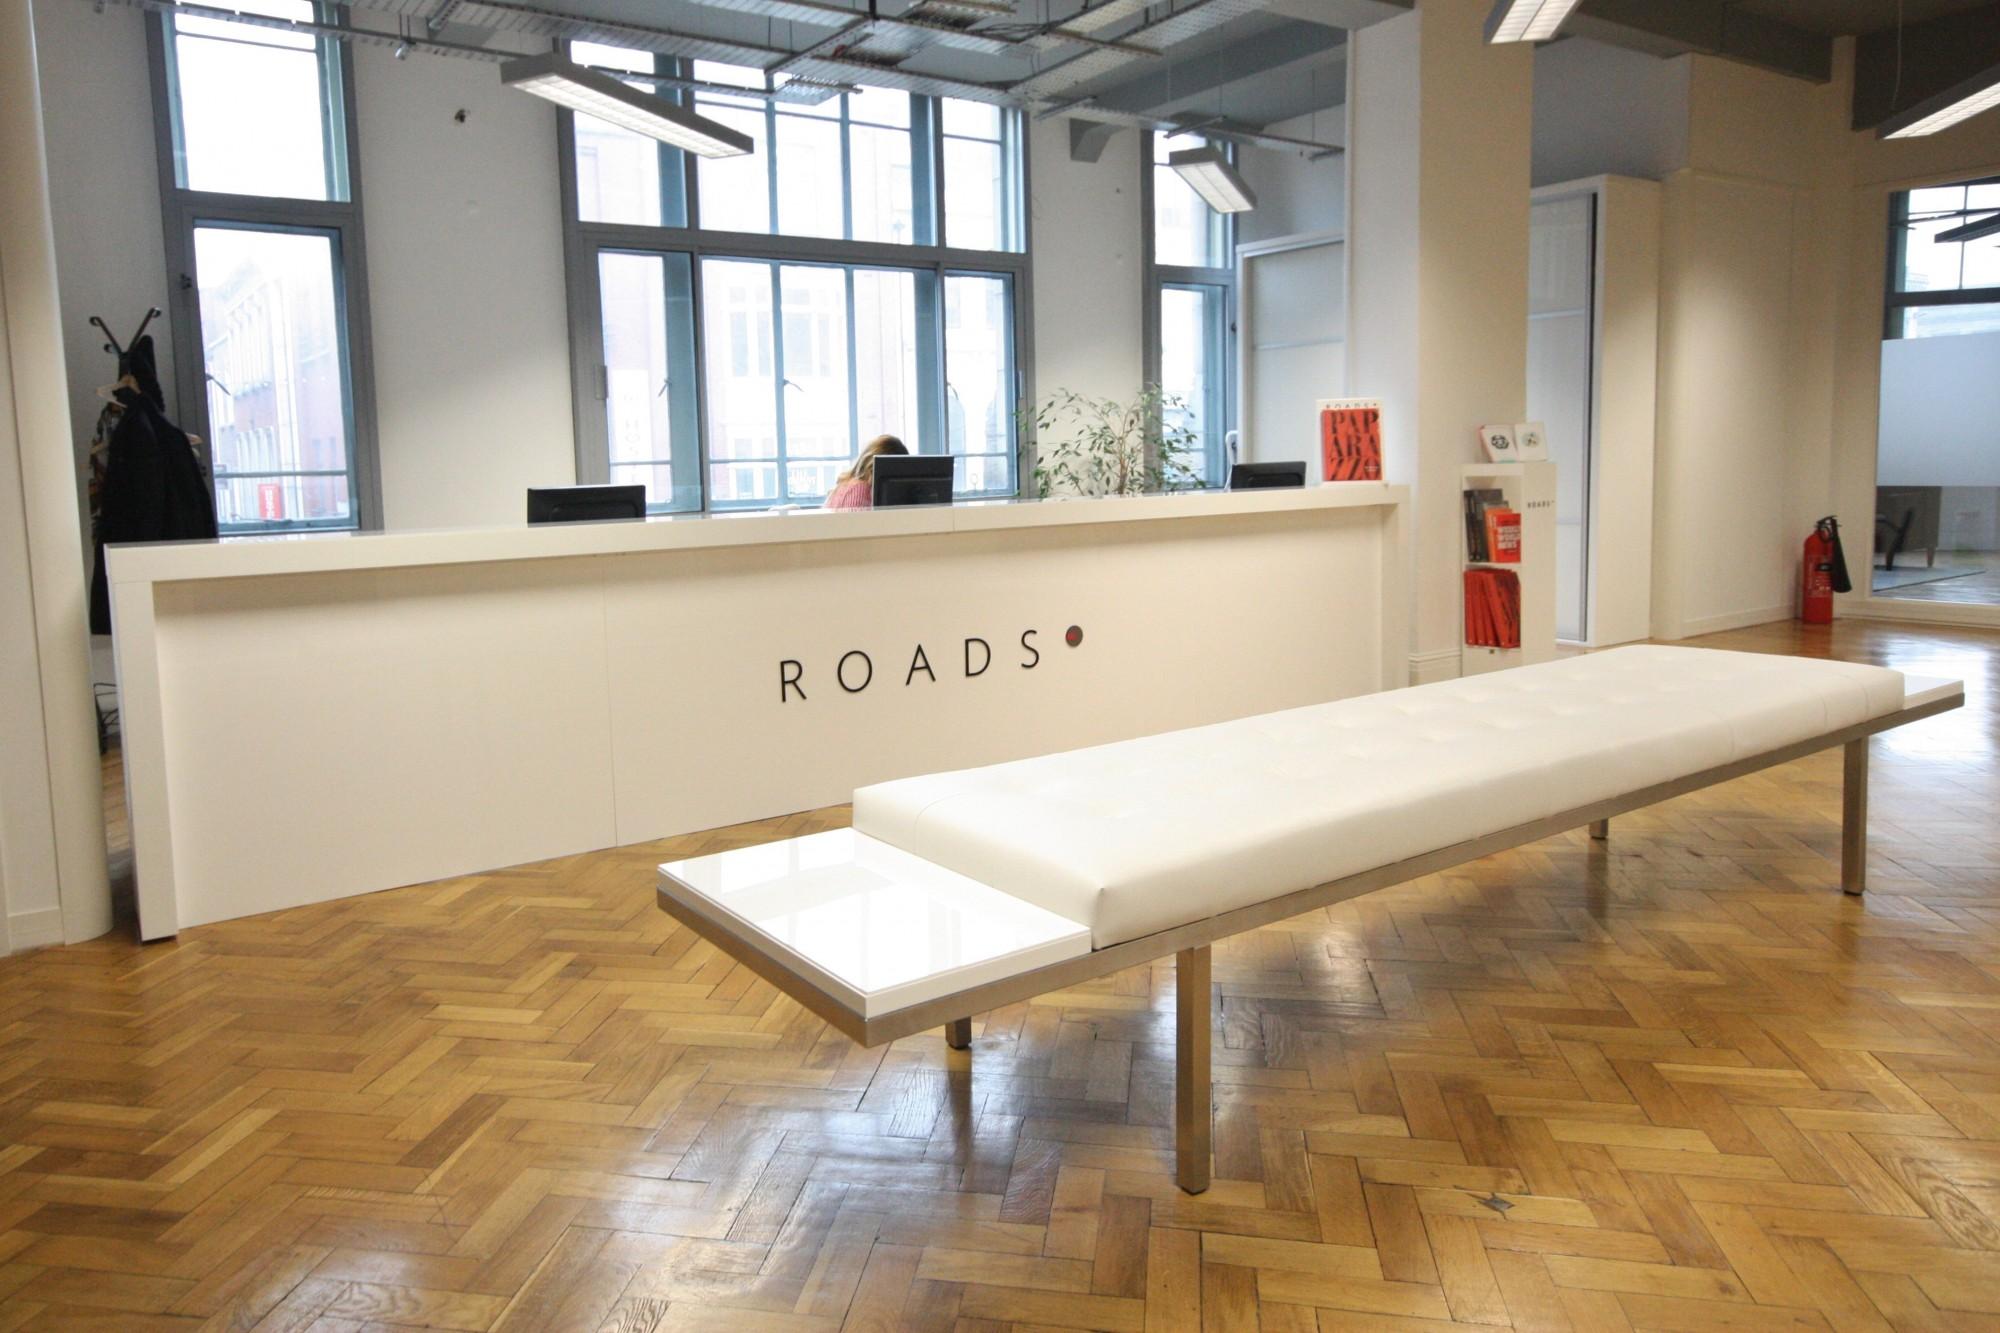 Reception desk with acryllic signage enigma bespoke cabinetry